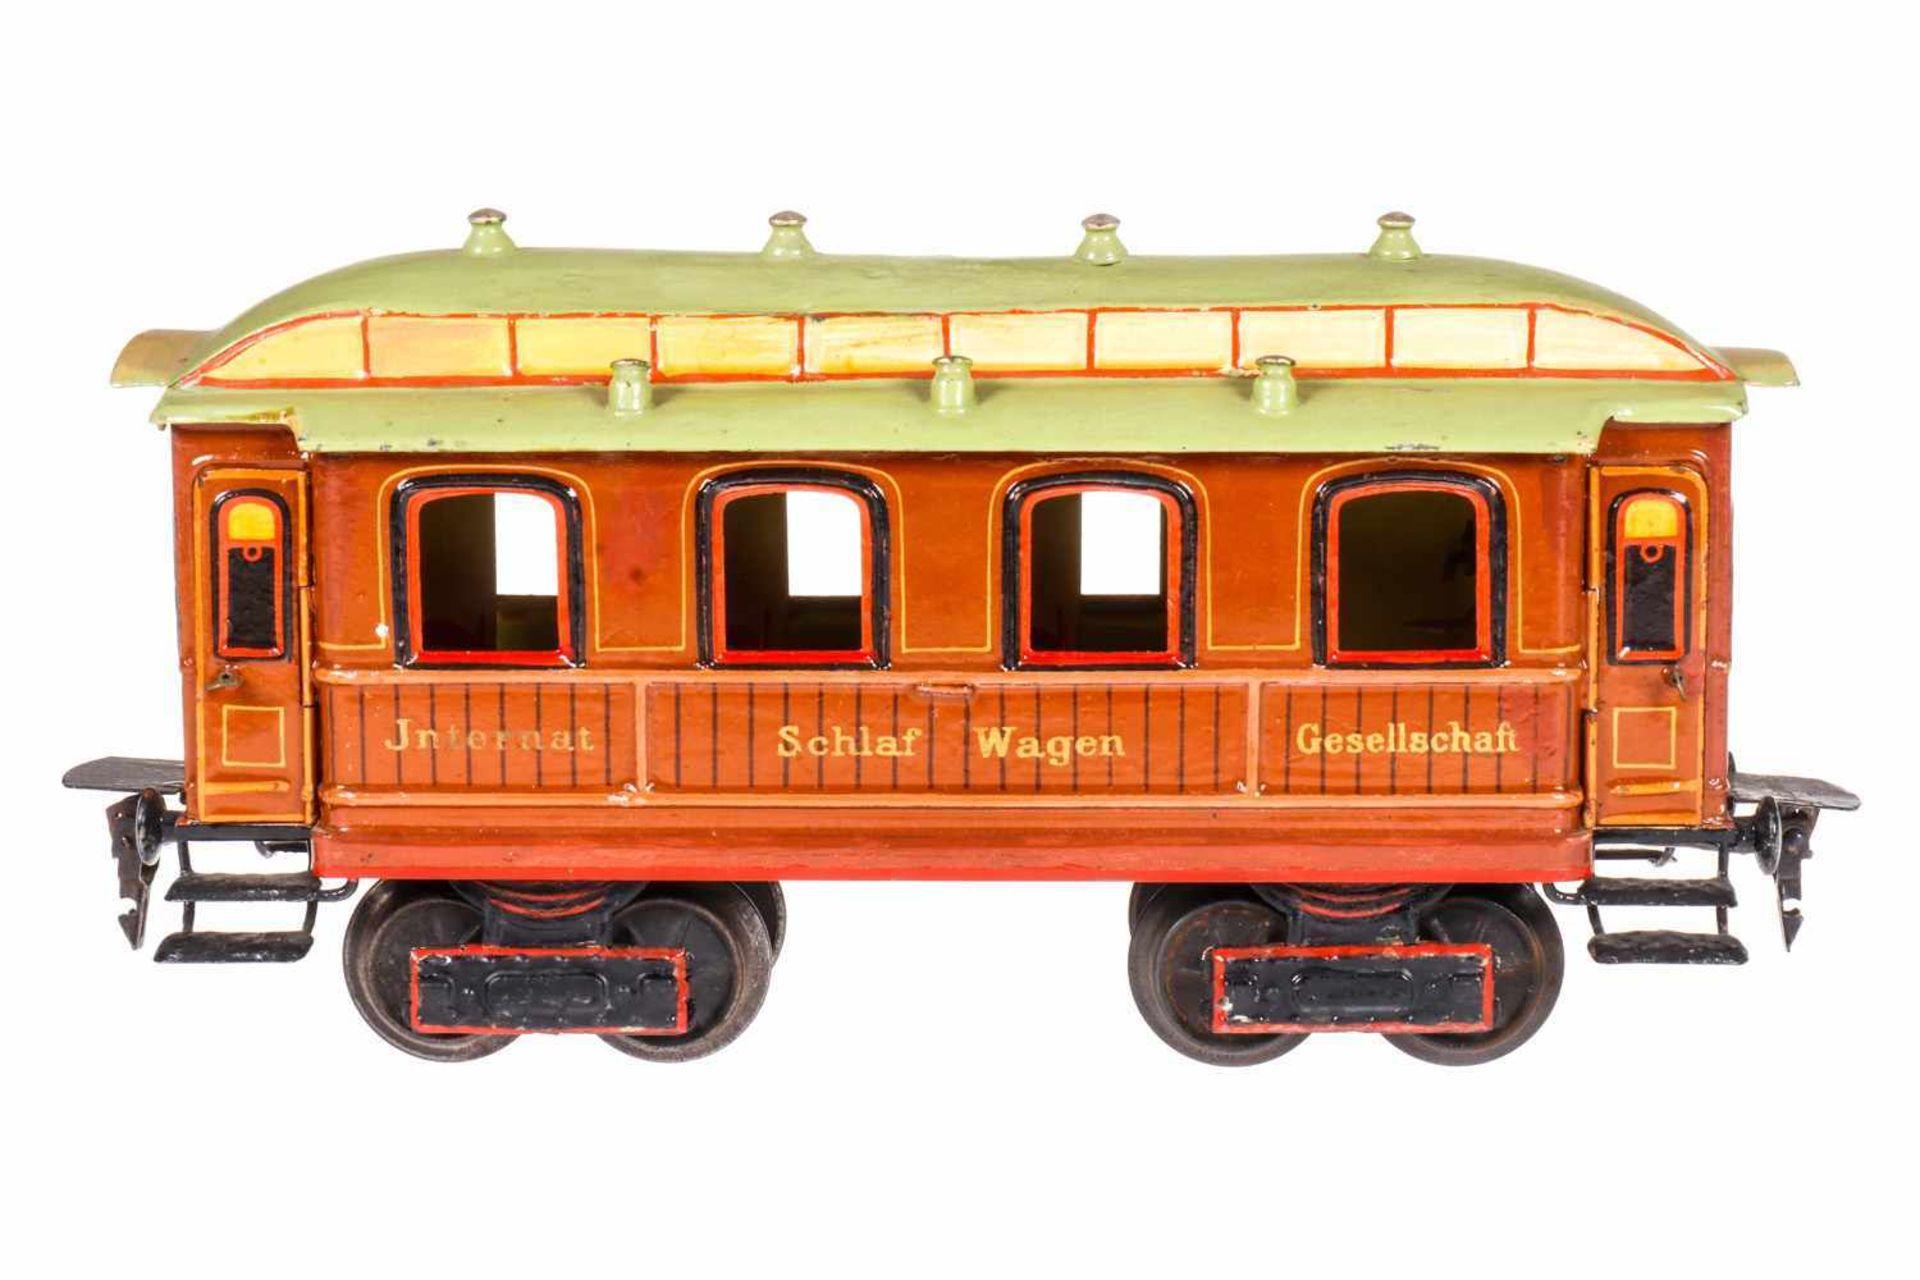 Märklin internationaler Schlafwagen 1843, S 1, uralt, Teak HL, mit Inneneinrichtung, 4 AT, 10